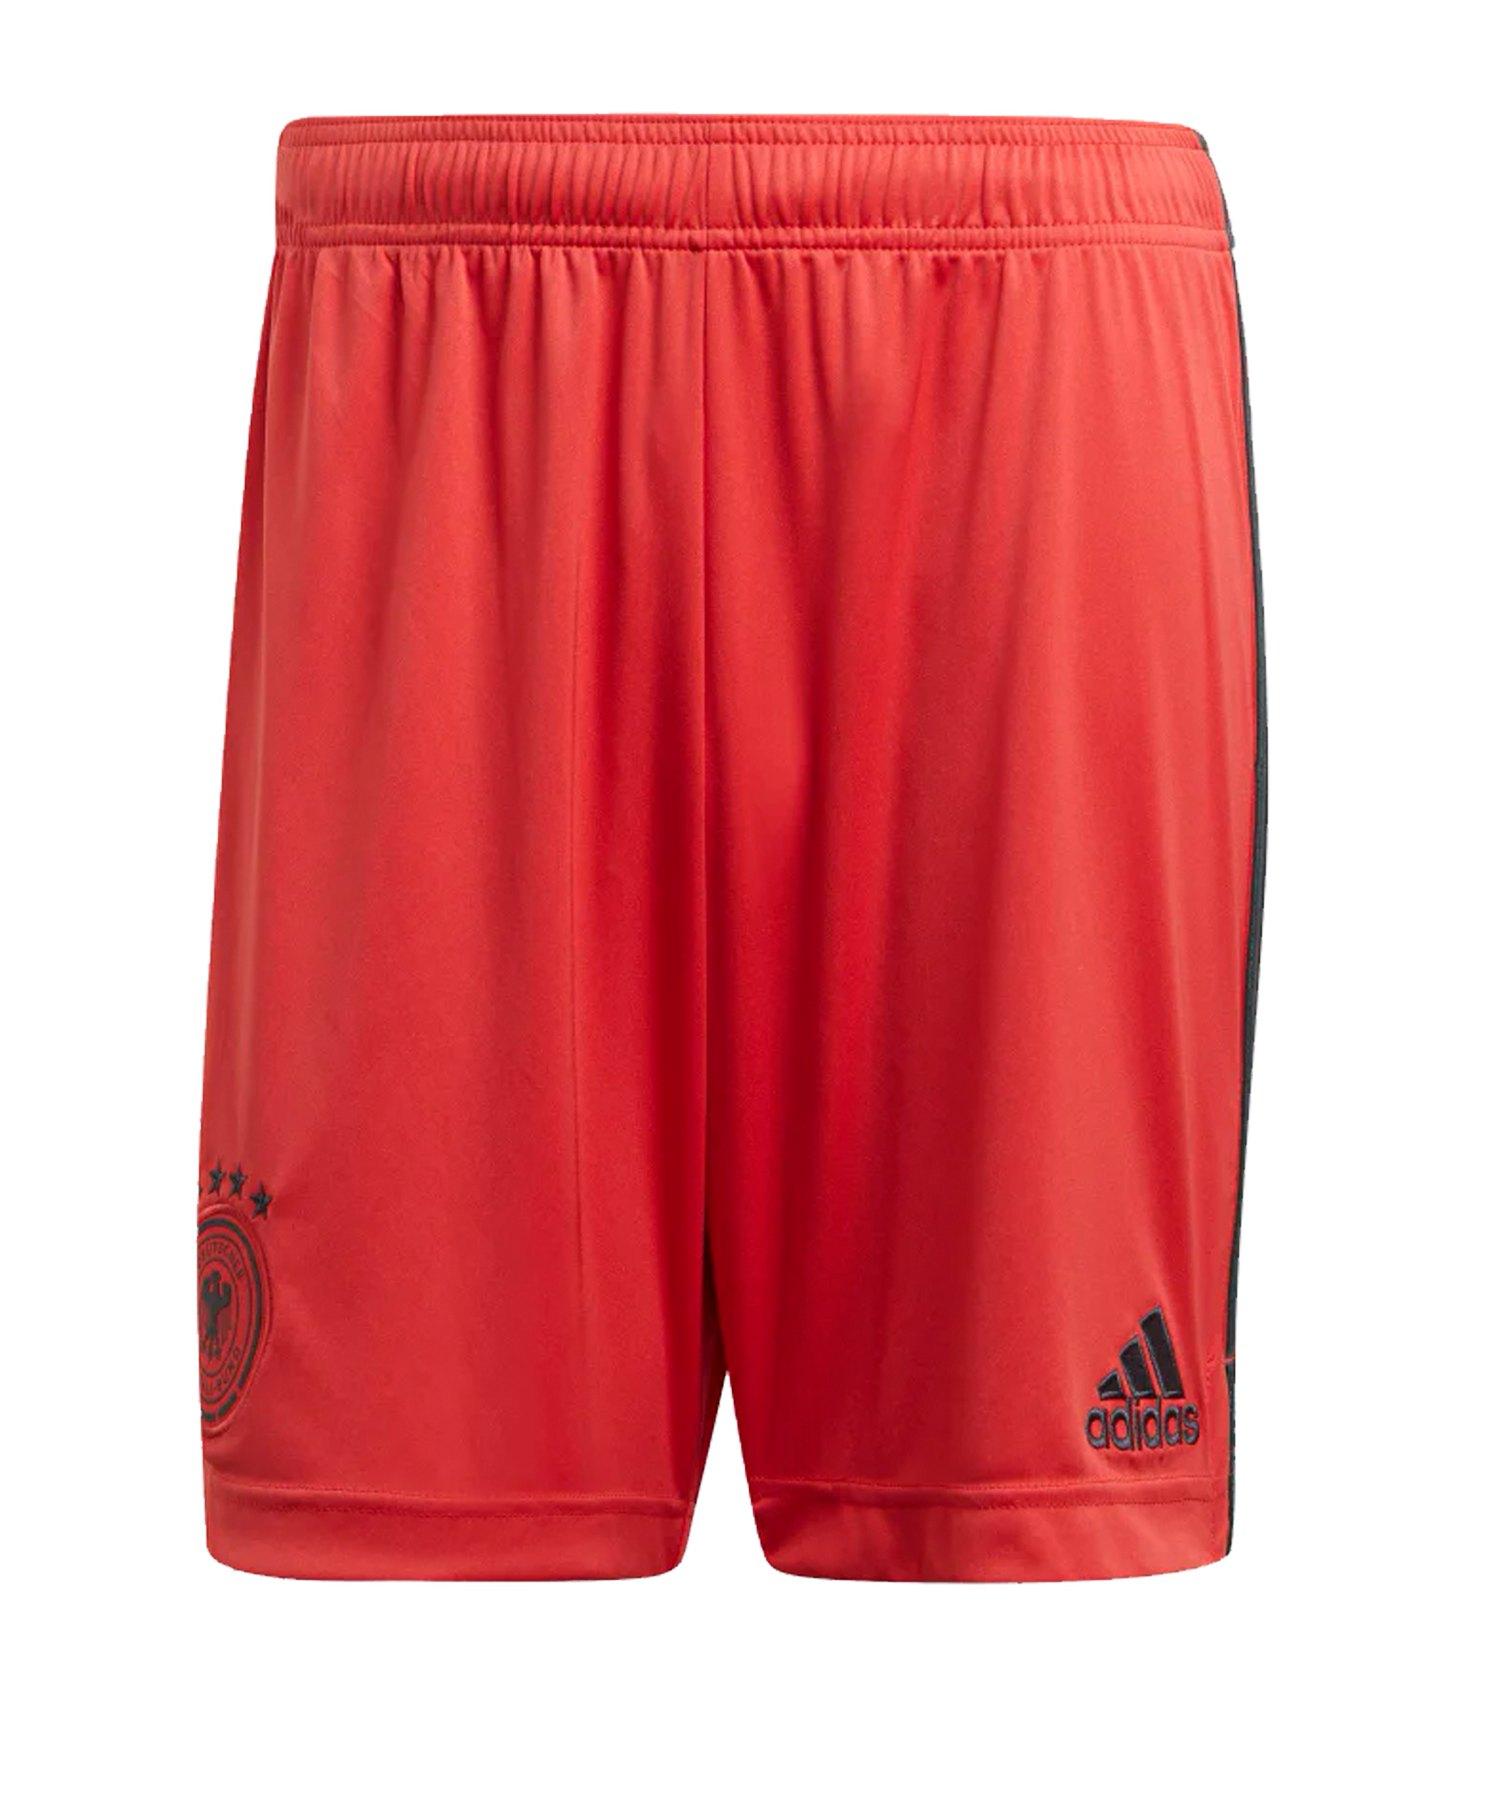 Adidas,Nike Kleidung Shop : Herren Shorts Adidas Dfb